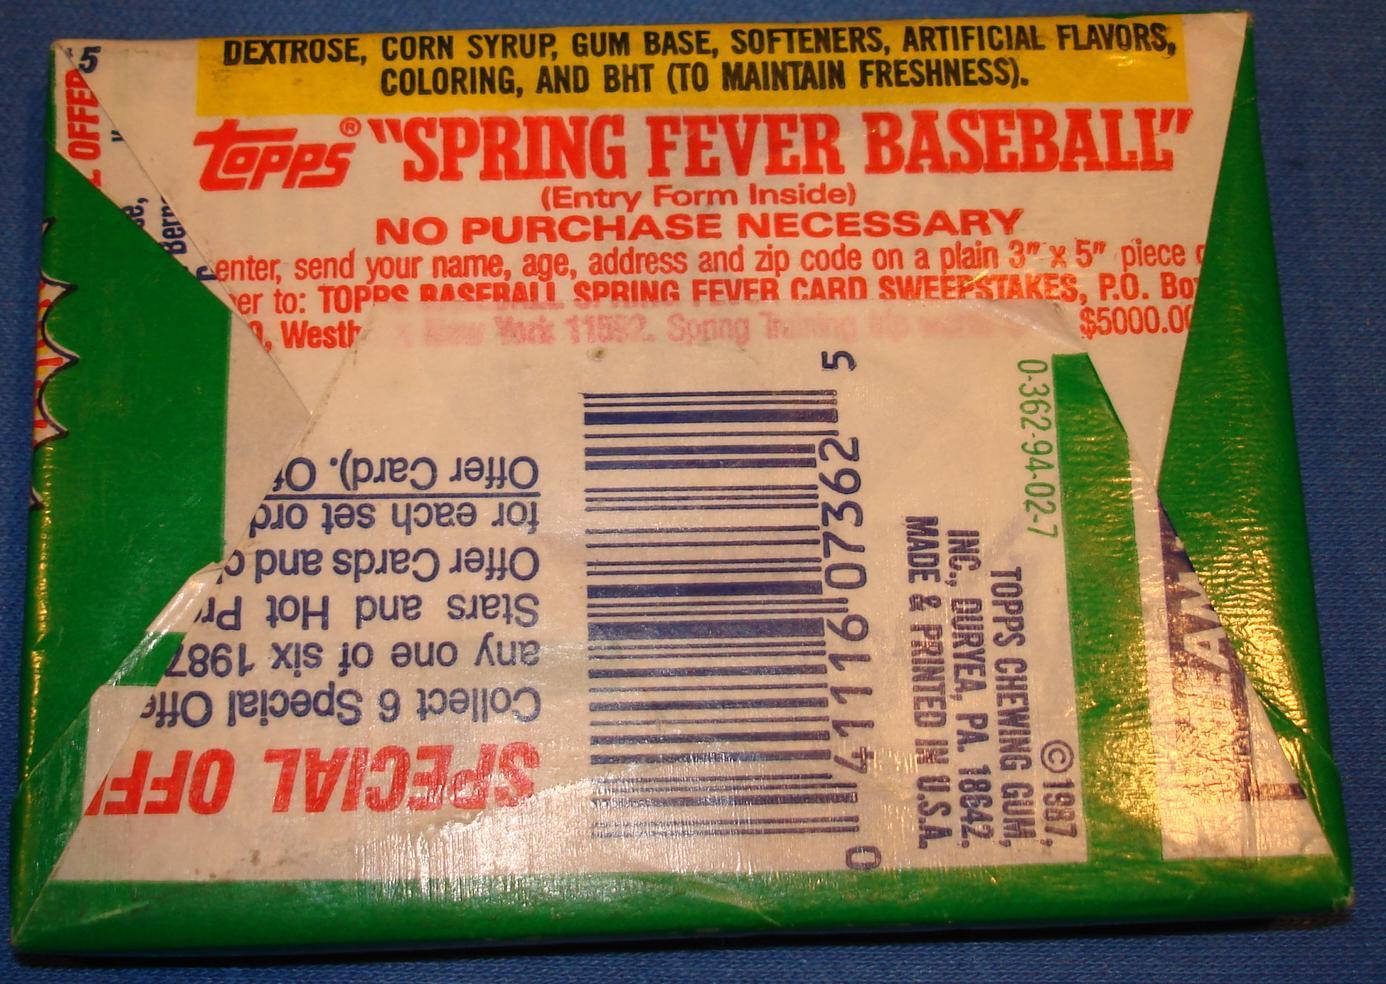 Topps 1987 Baseball Card Pack Wrapper Reverse Side